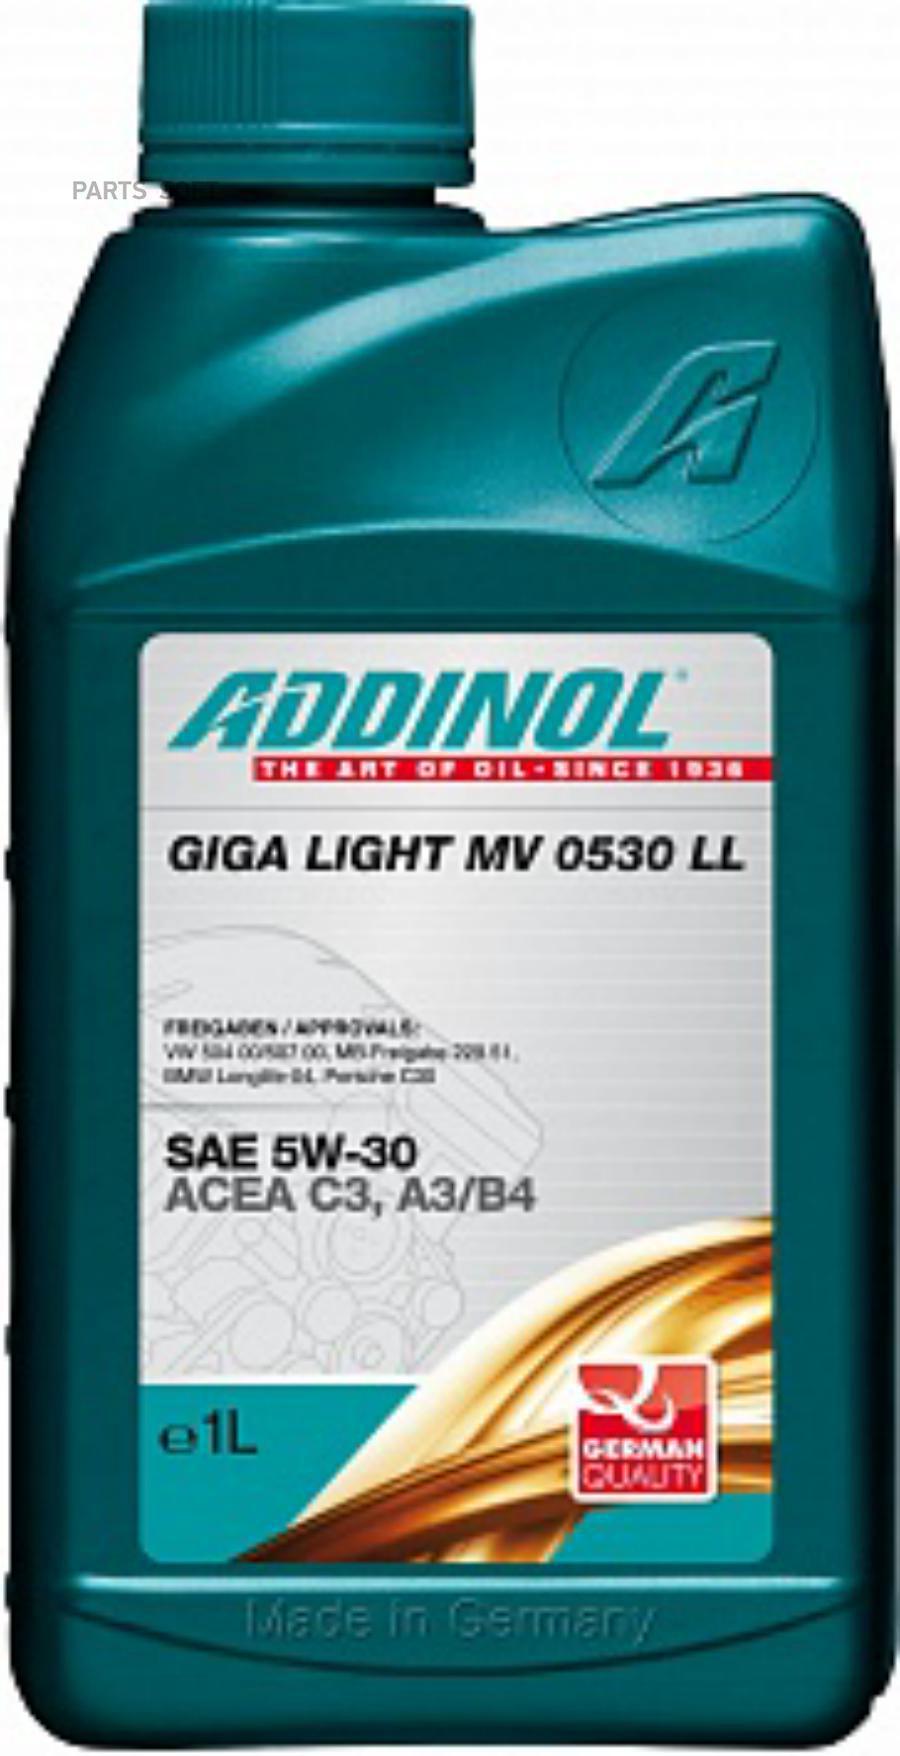 Масло моторное синтетическое Giga Light (Motorenol) MV 0530 LL 5W-30, 1л